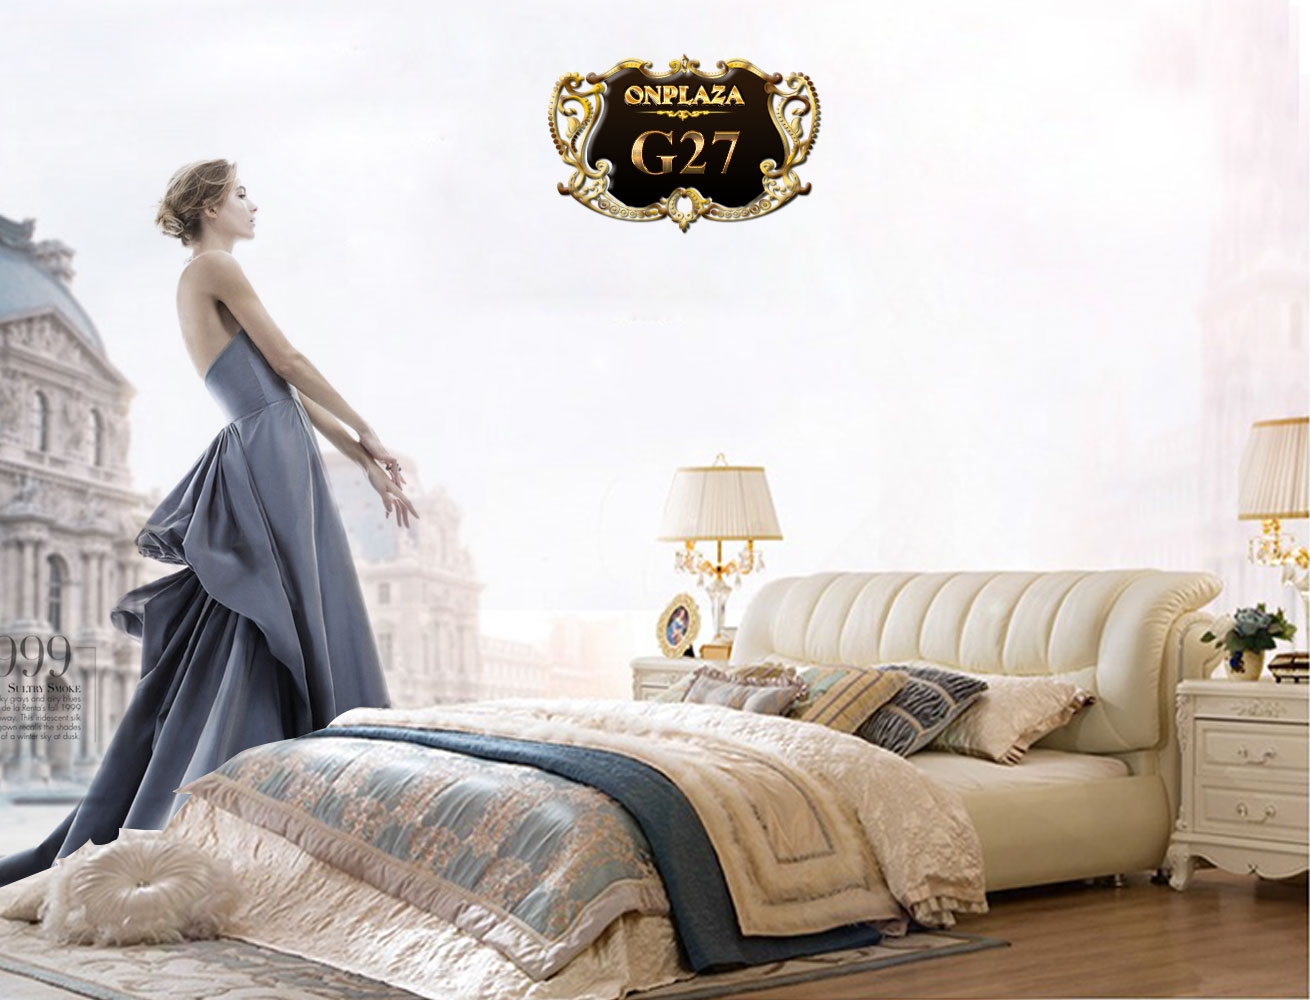 Giường ngủ bọc nệm da hiện đại G27, những mẫu giường hiện đại đẹp tại Hà Nội| Mua giường hiện đại